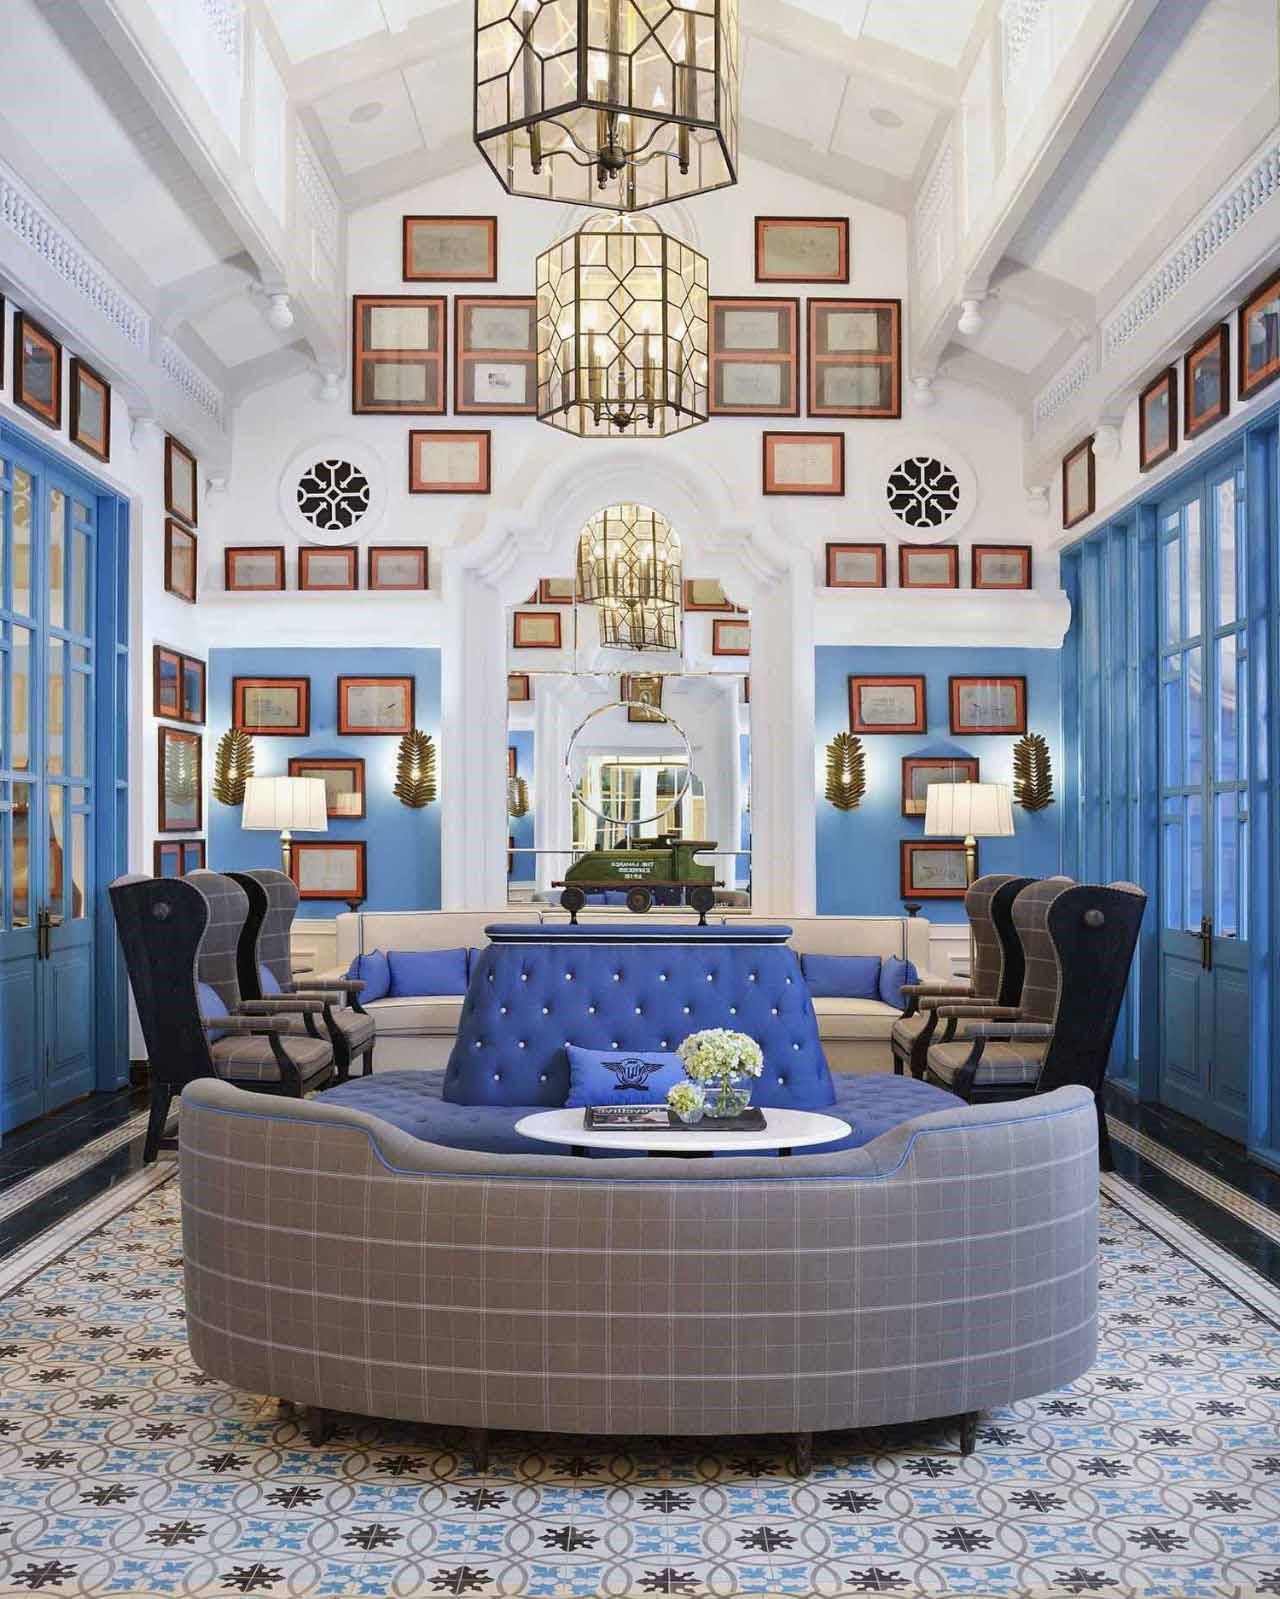 sảnh khách sạn tân cổ điển